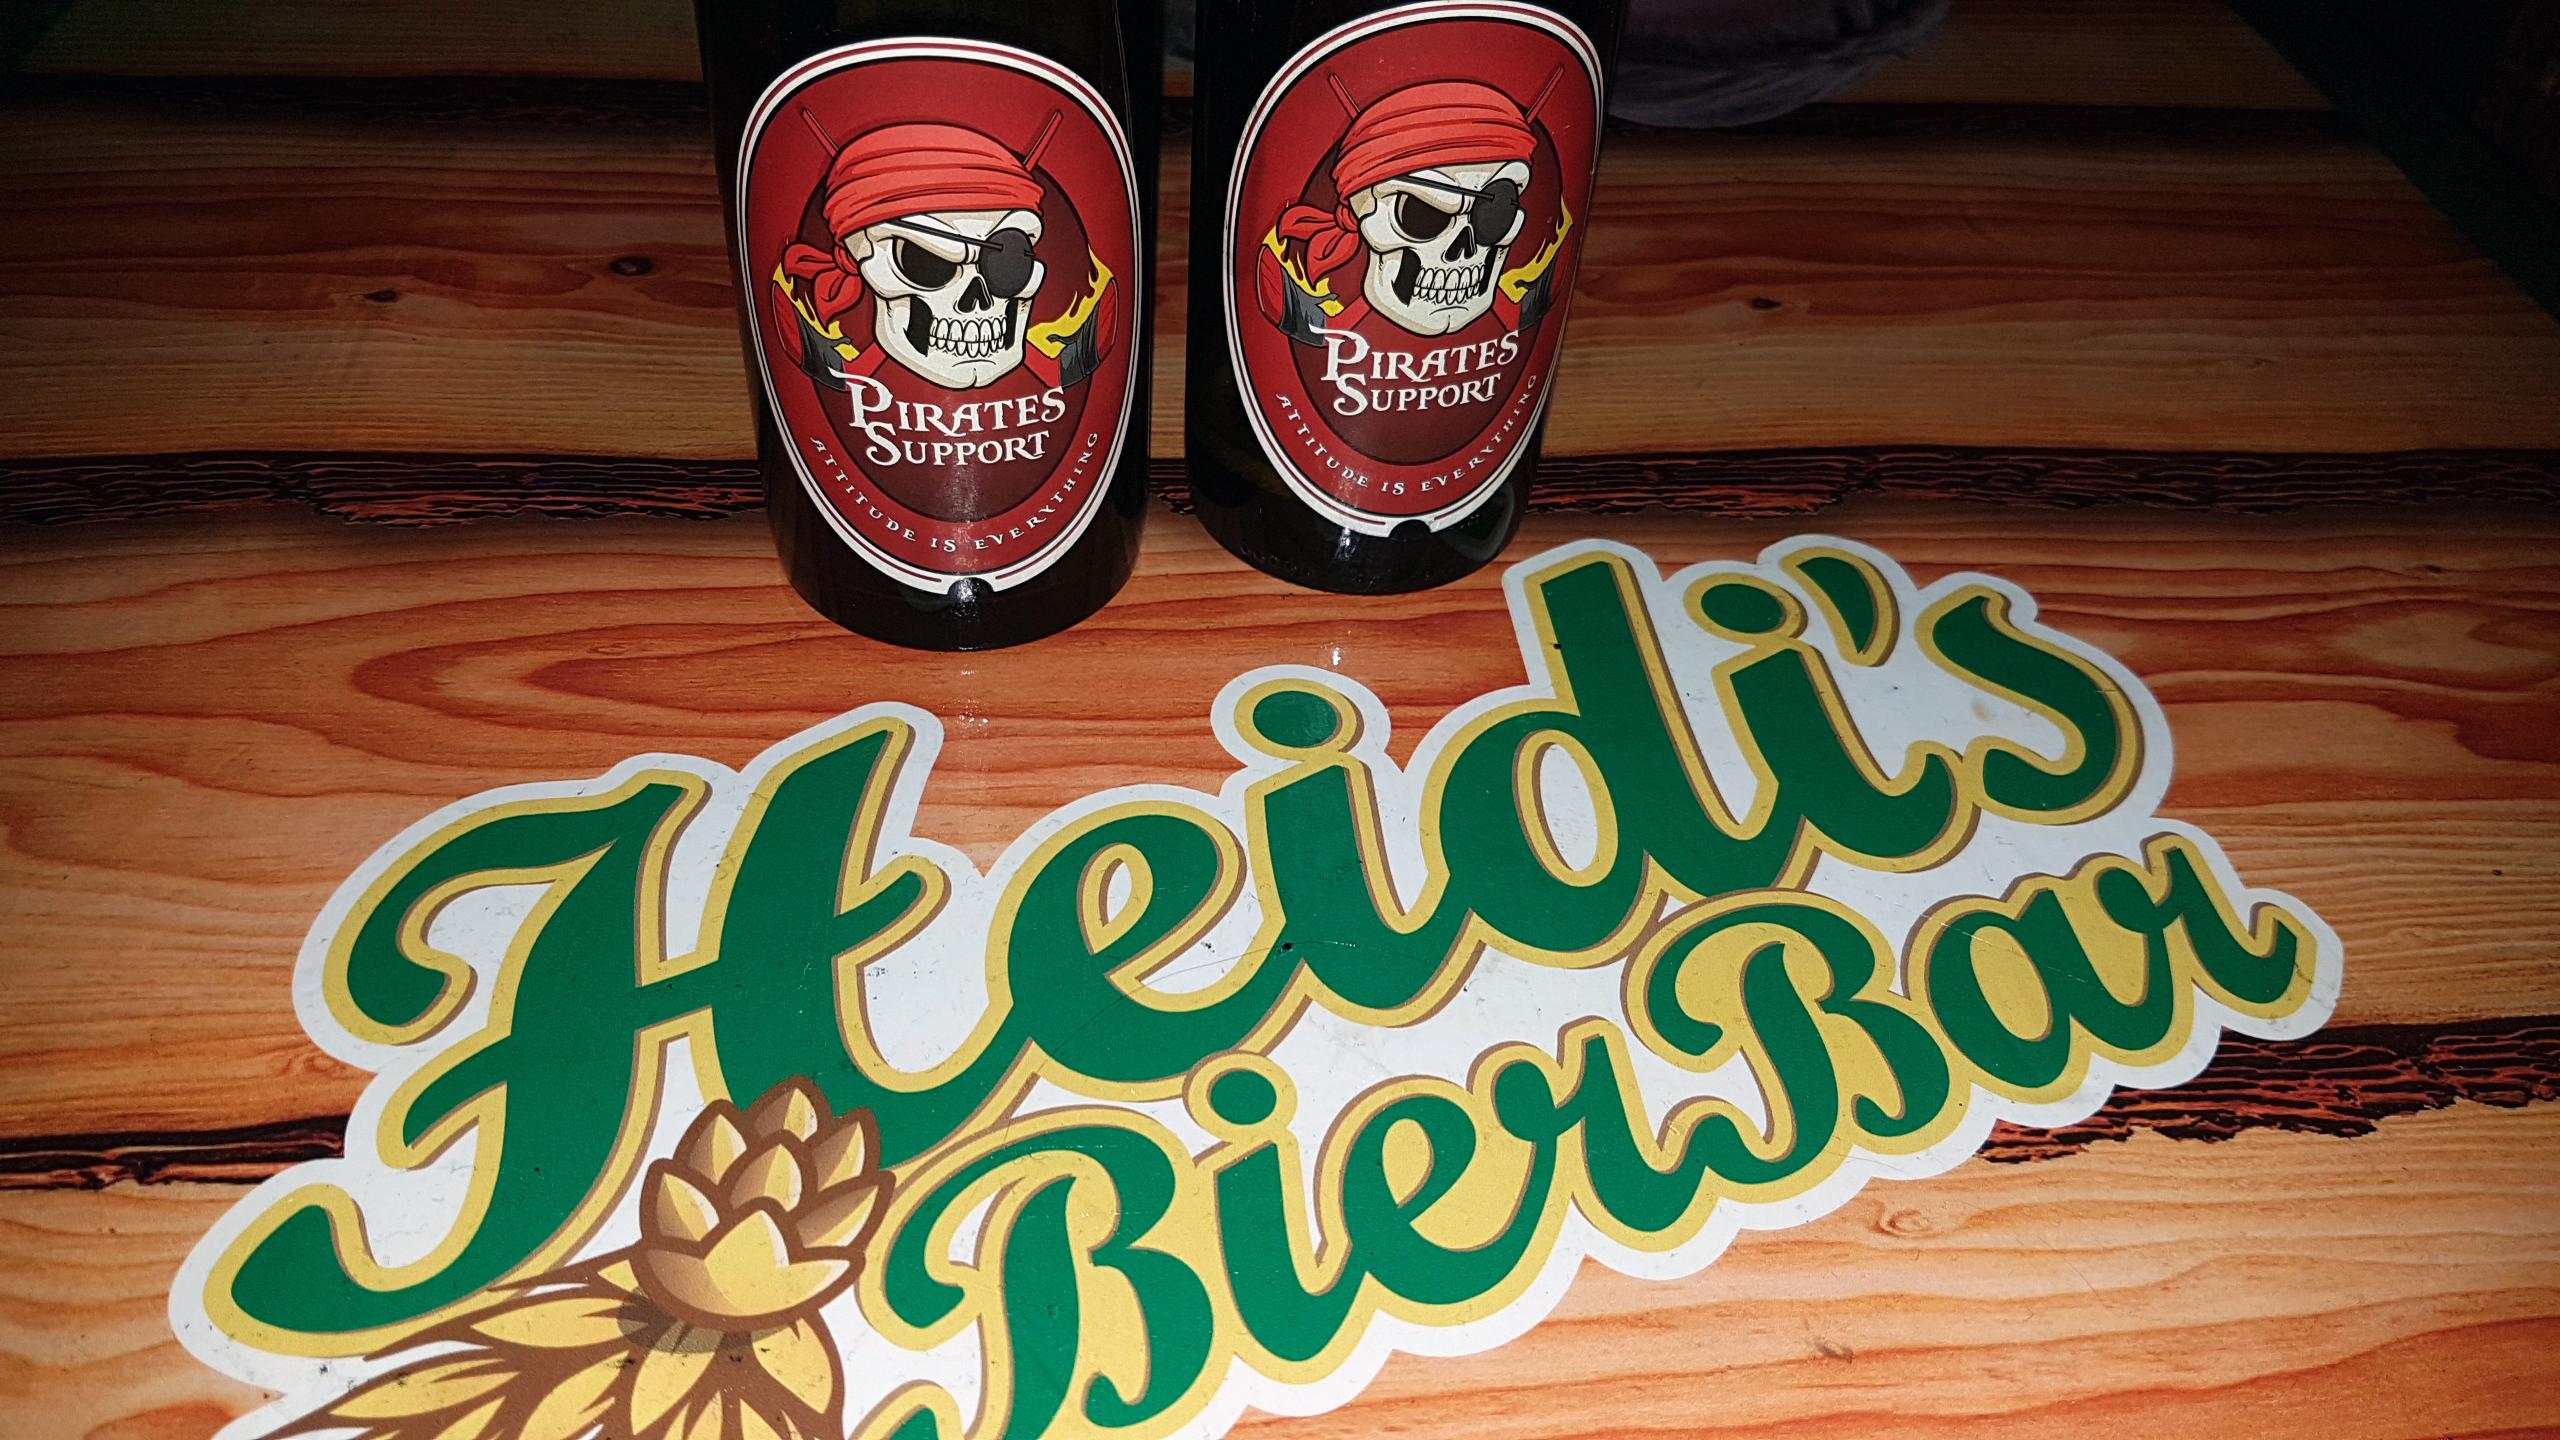 REKOM, Thisted Bryghus Og Aalborg Pirates Support Lancerer Fan-øl